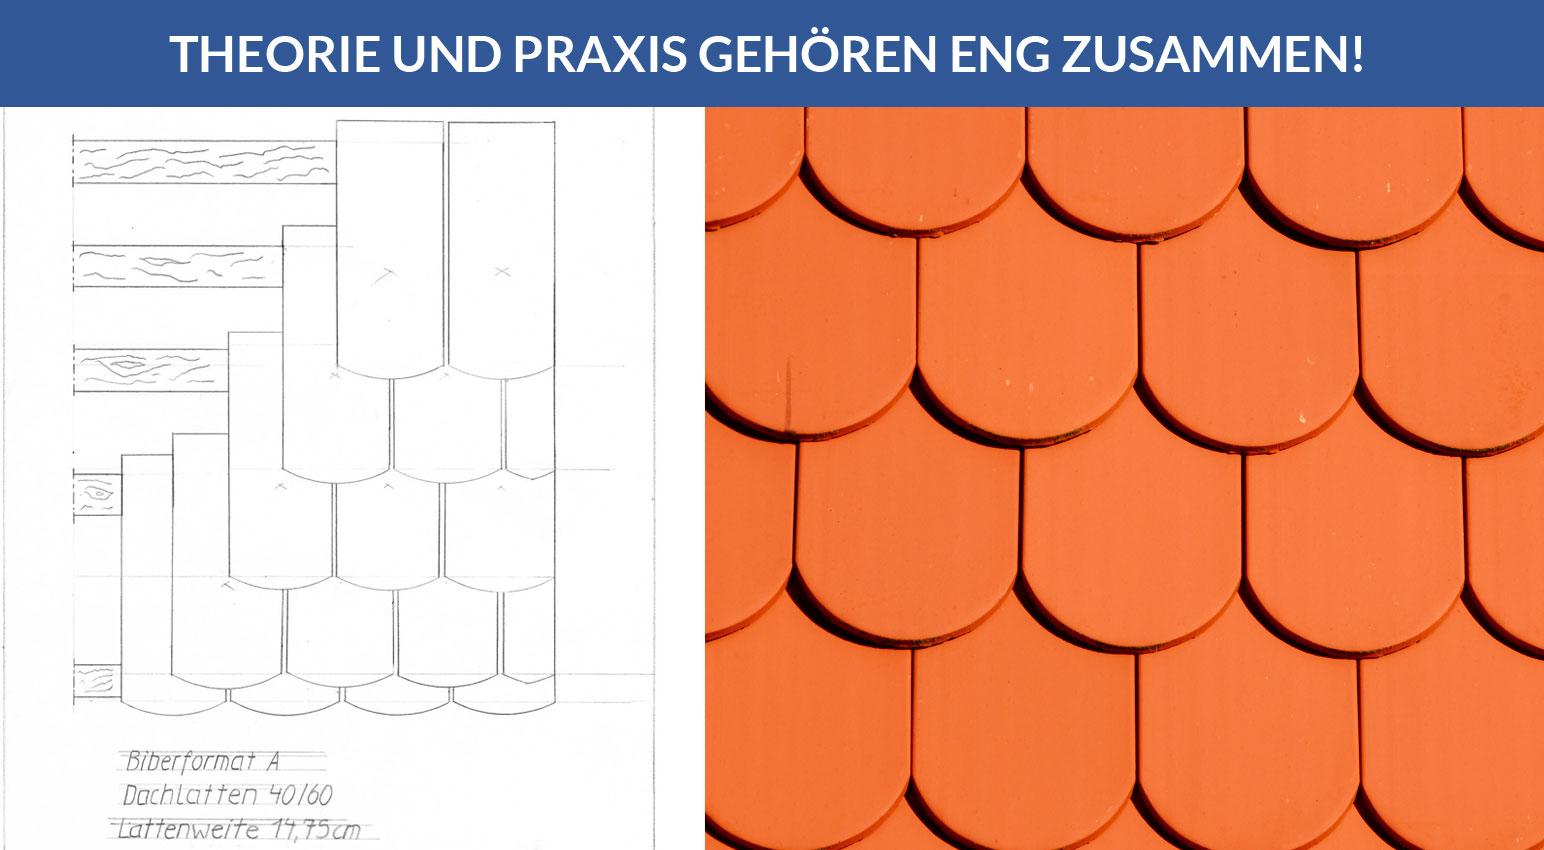 Technische Zeichnung eines Dachdeckerlehrlings, Thema: Biberschwanz-Deckung / Theorie und Praxis